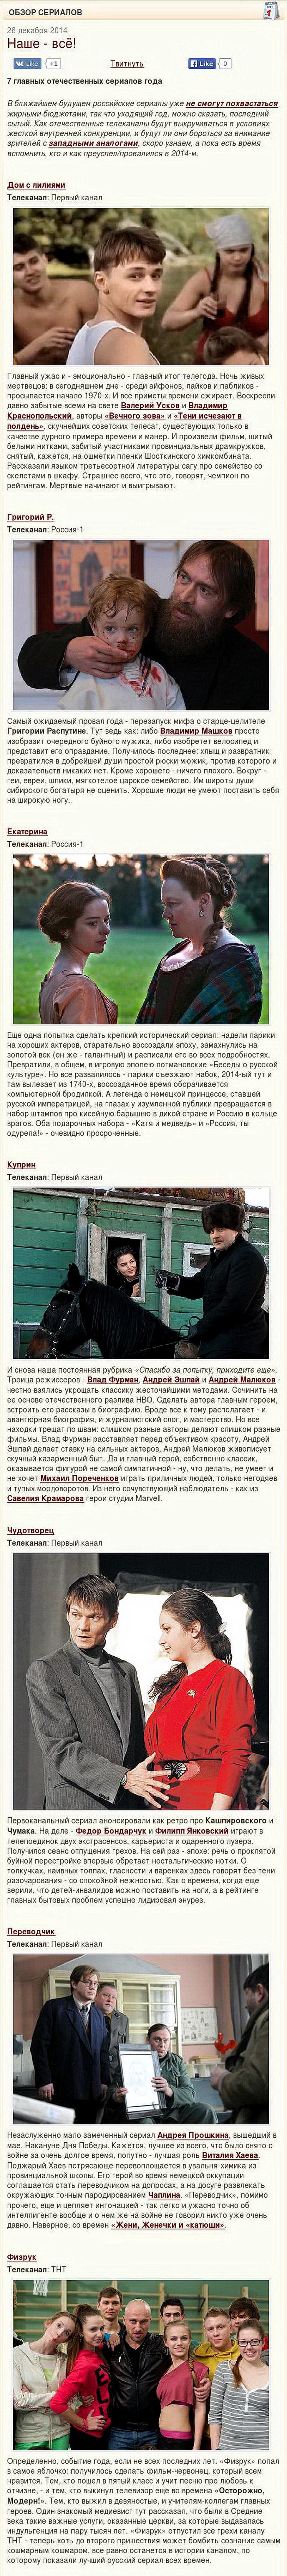 Кинокритики Чувиляев про сериал Физрук (ТНТ, 2014-2016). Кликайте для увеличения